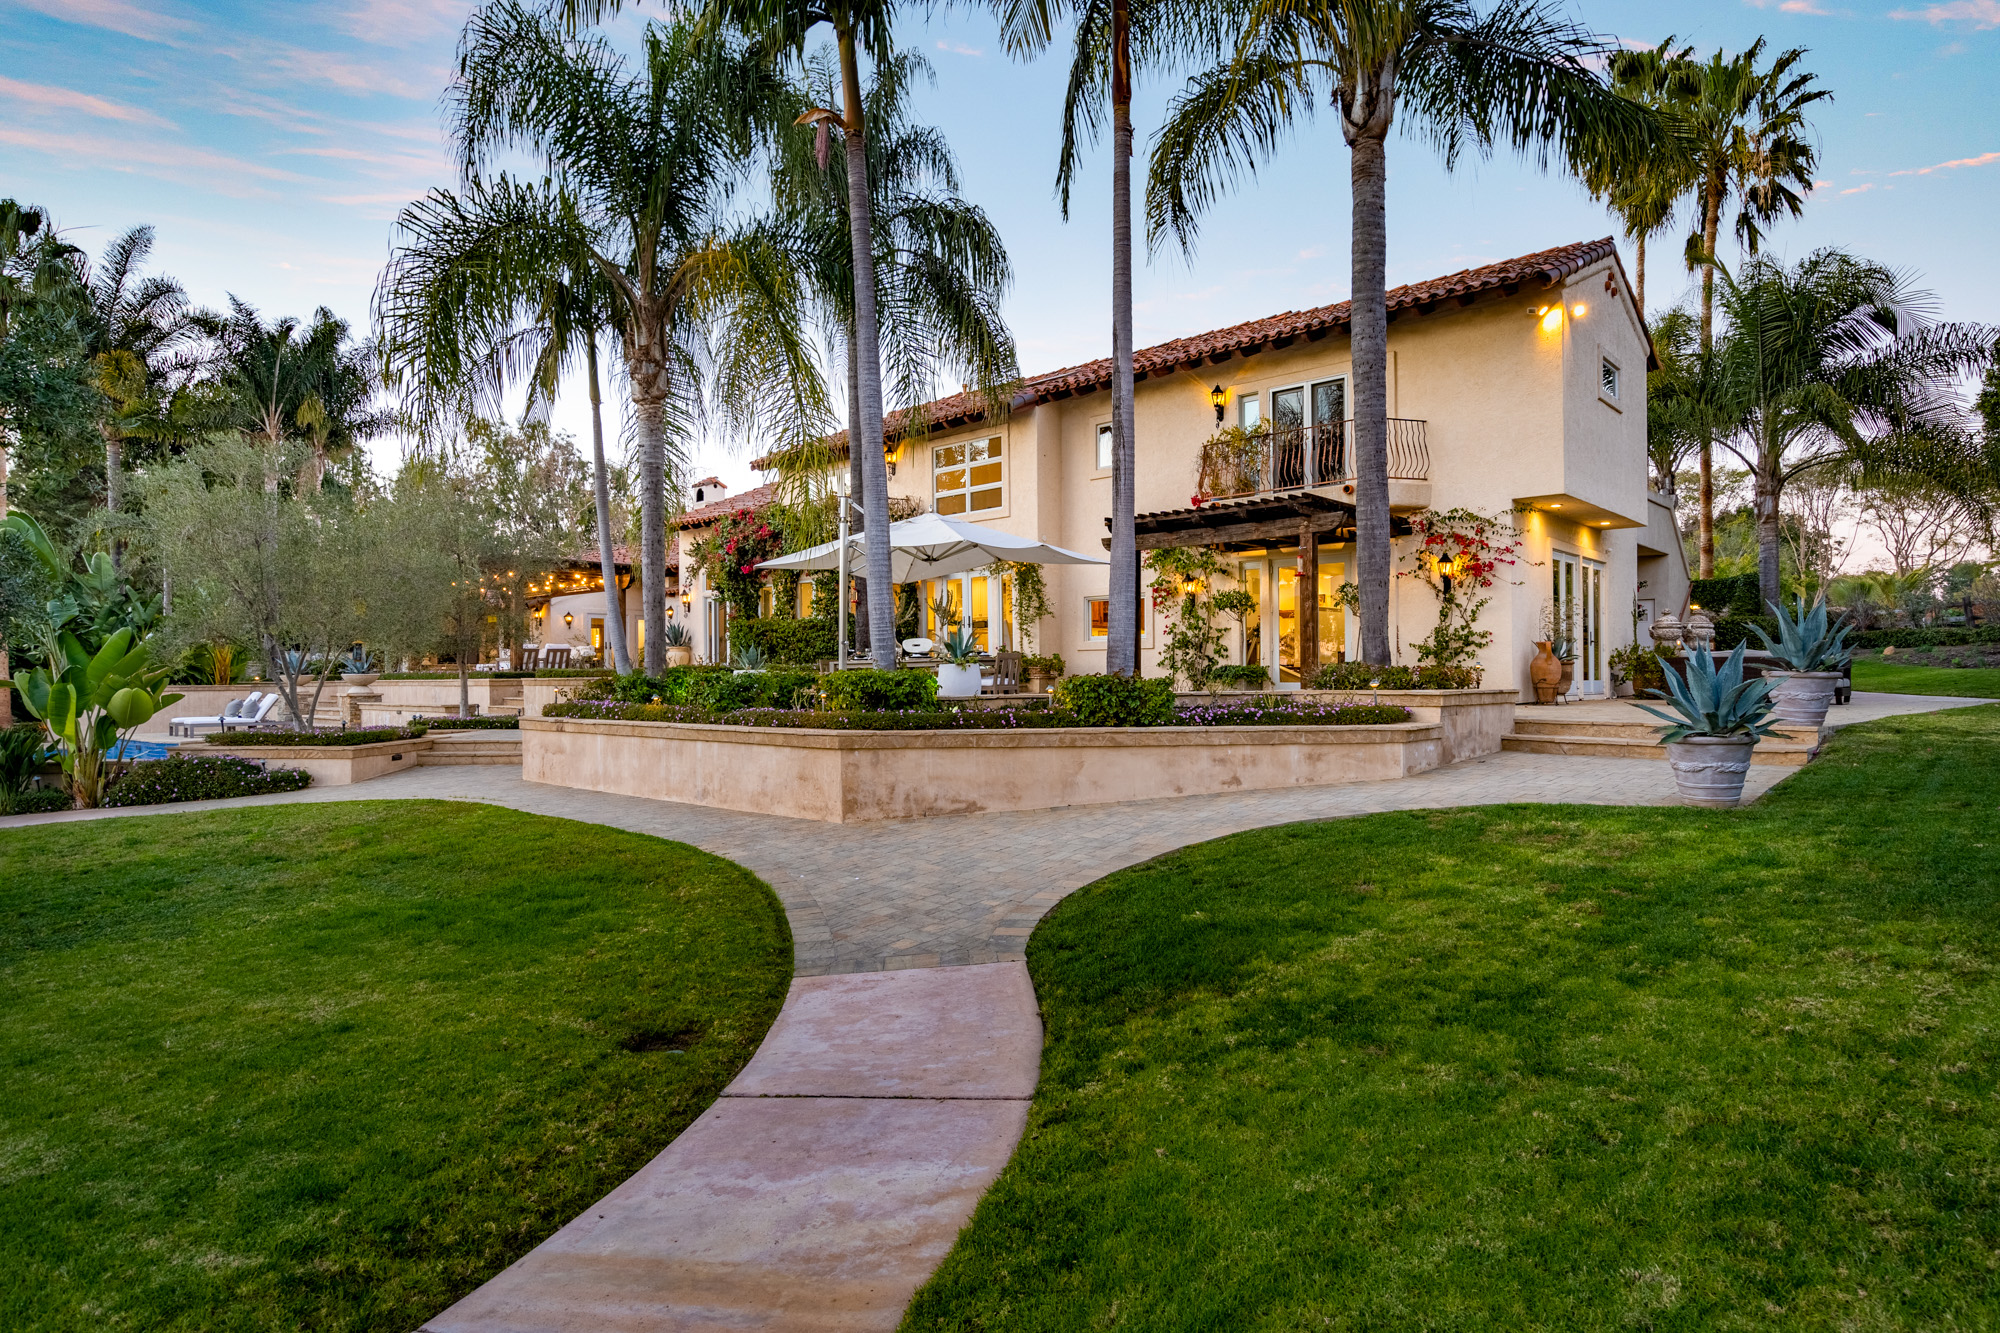 7017 Las Colinas -  Rancho Santa Fe, CA 92014